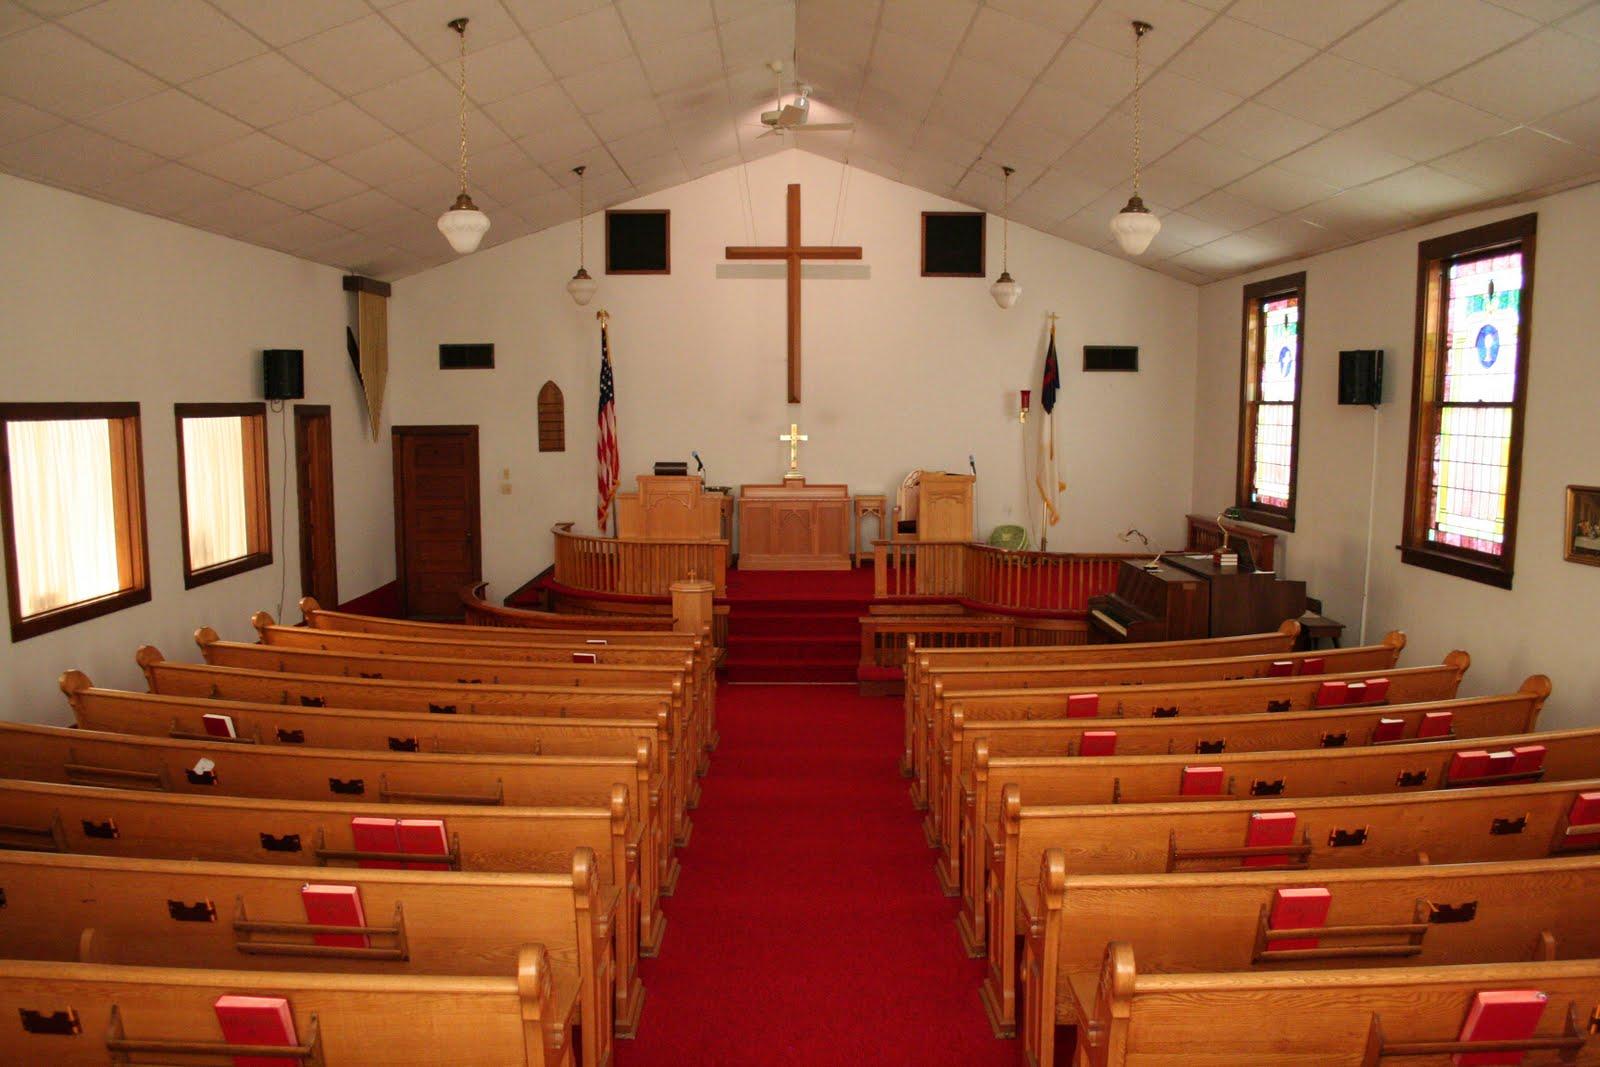 Church Sanctuary Ceiling Design | Joy Studio Design ...